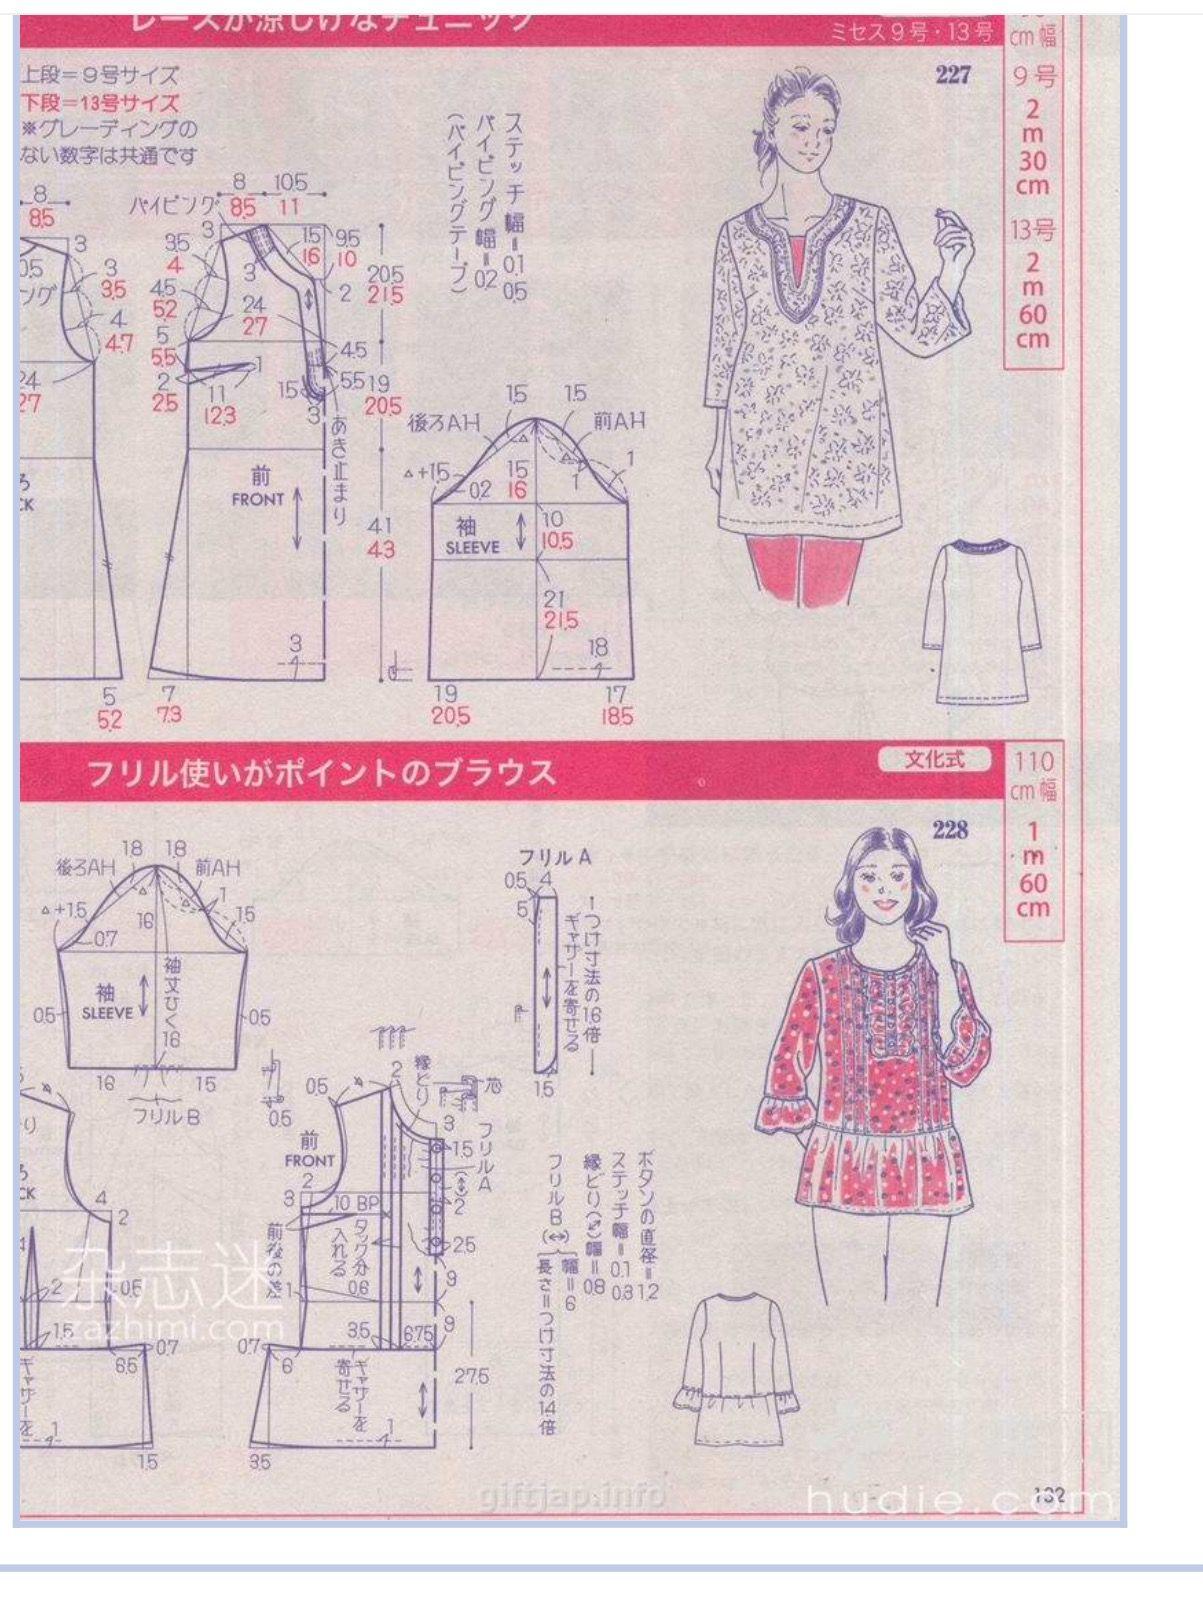 Pin de mimi kuncoro en Baju | Pinterest | Patrones, Costura y Blusas